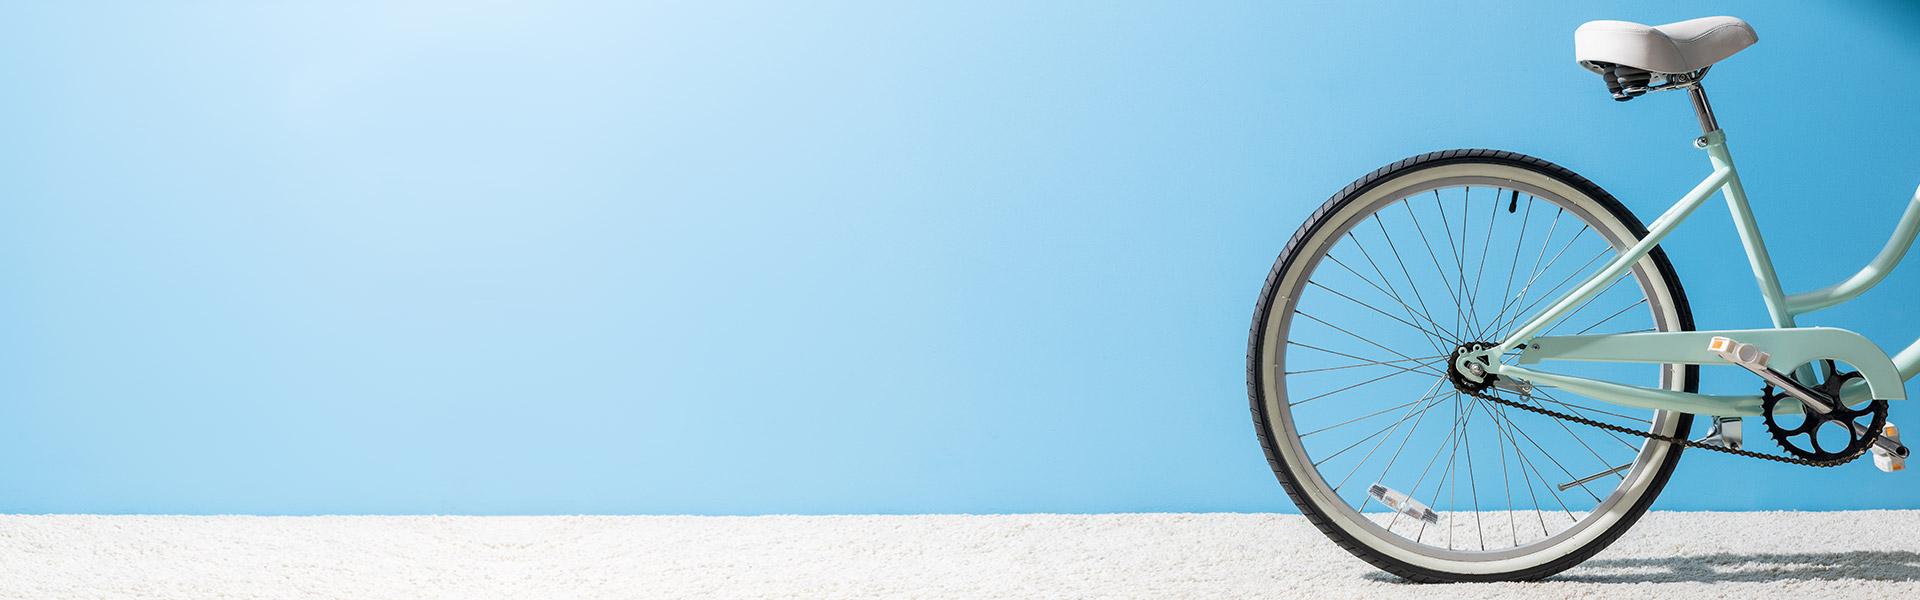 home-donate-bike-slide-fnl